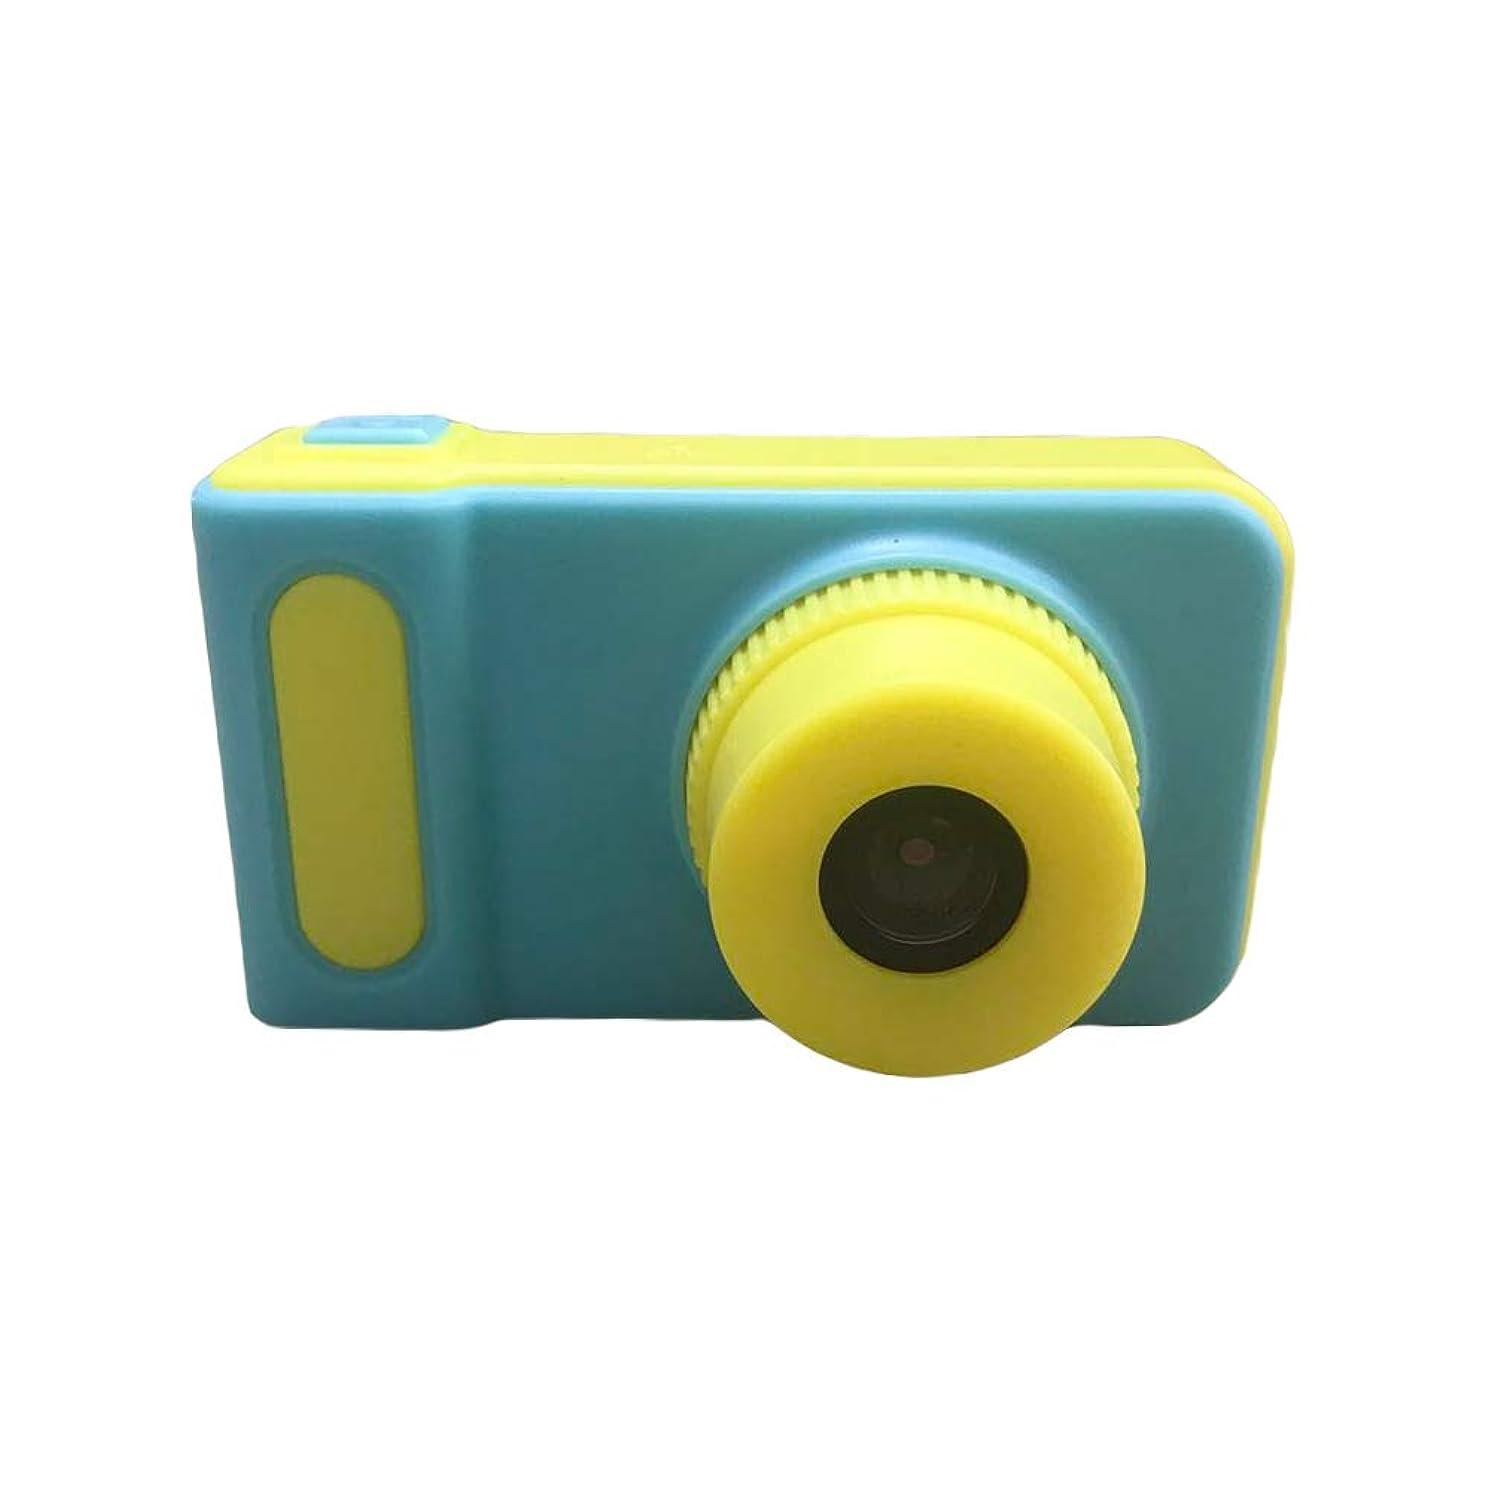 教授軸憂慮すべき子供のデジタルカメラ12MP HD 1080Pサポート32GBビデオカメラ子供水泳 (ブルー)